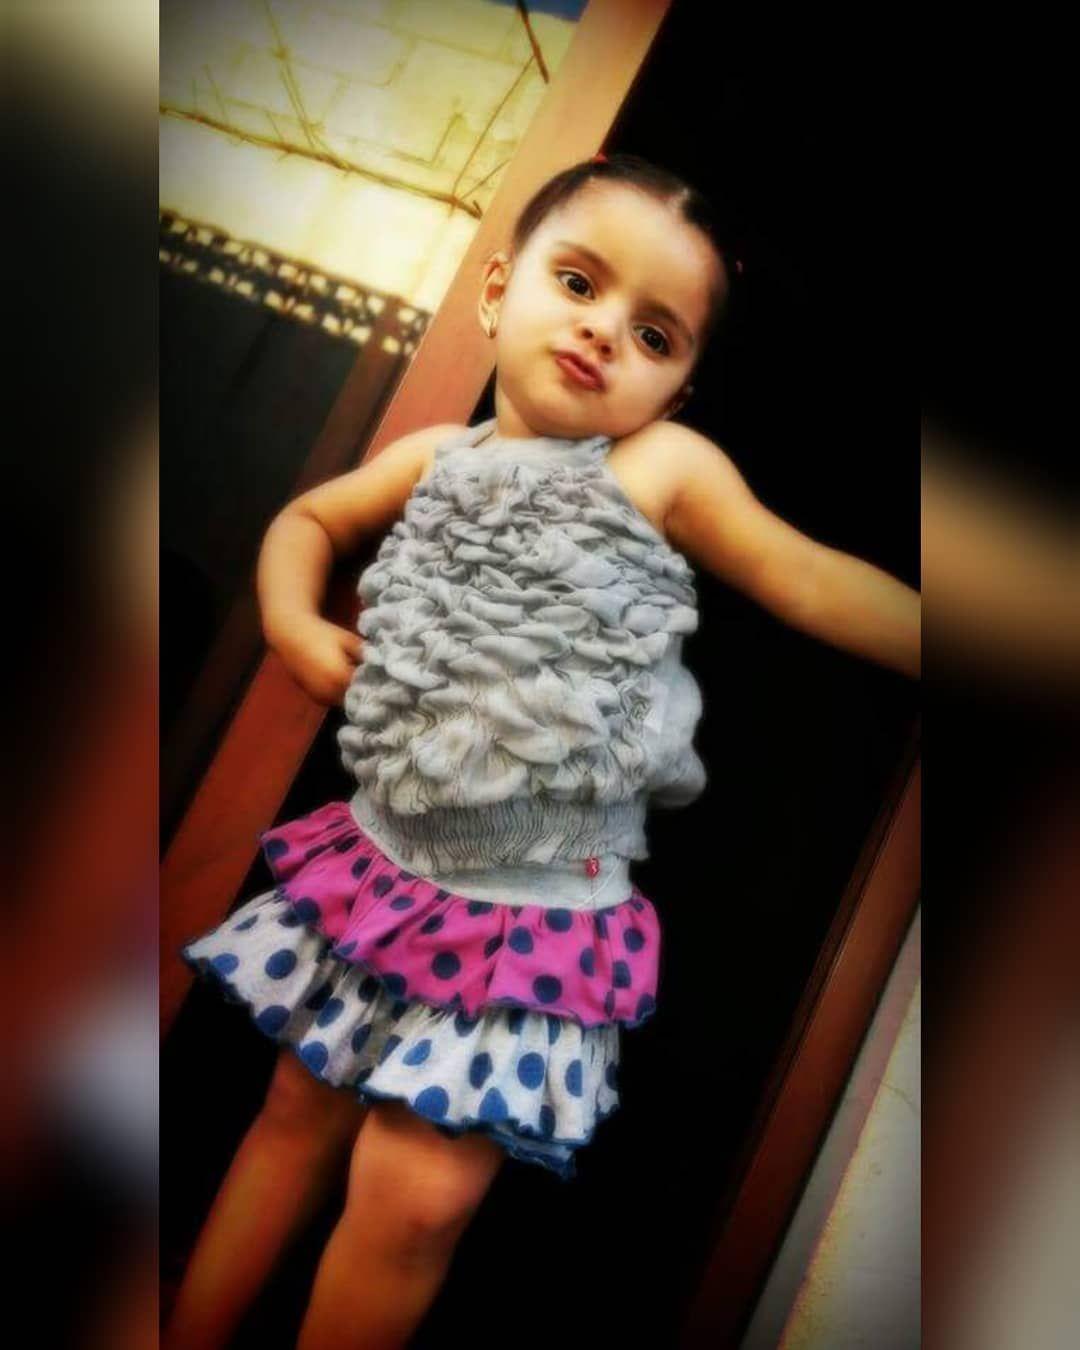 follow( ) - follow(@nupel_nudem ) 📸 #stylish  #anahita #baby #babyshower #babygirl #babys #babyroom  #babystuff #justbaby #kinder #kind #kinderzimmer #strickenfürkinder  #fashionshow #fashionista #fashionable #fashionweek  #model #model #beauti #  #instagood  #look #modeling #style #classy #nails #hair #hairstyle #instahair  #cosmetics #shoes     Sie sind an der richtigen Stelle für  Modische Outfits simple      Hier bieten wir Ihnen die schönsten Bilder mit dem gesuchten Schlüsselwort. Wenn Si